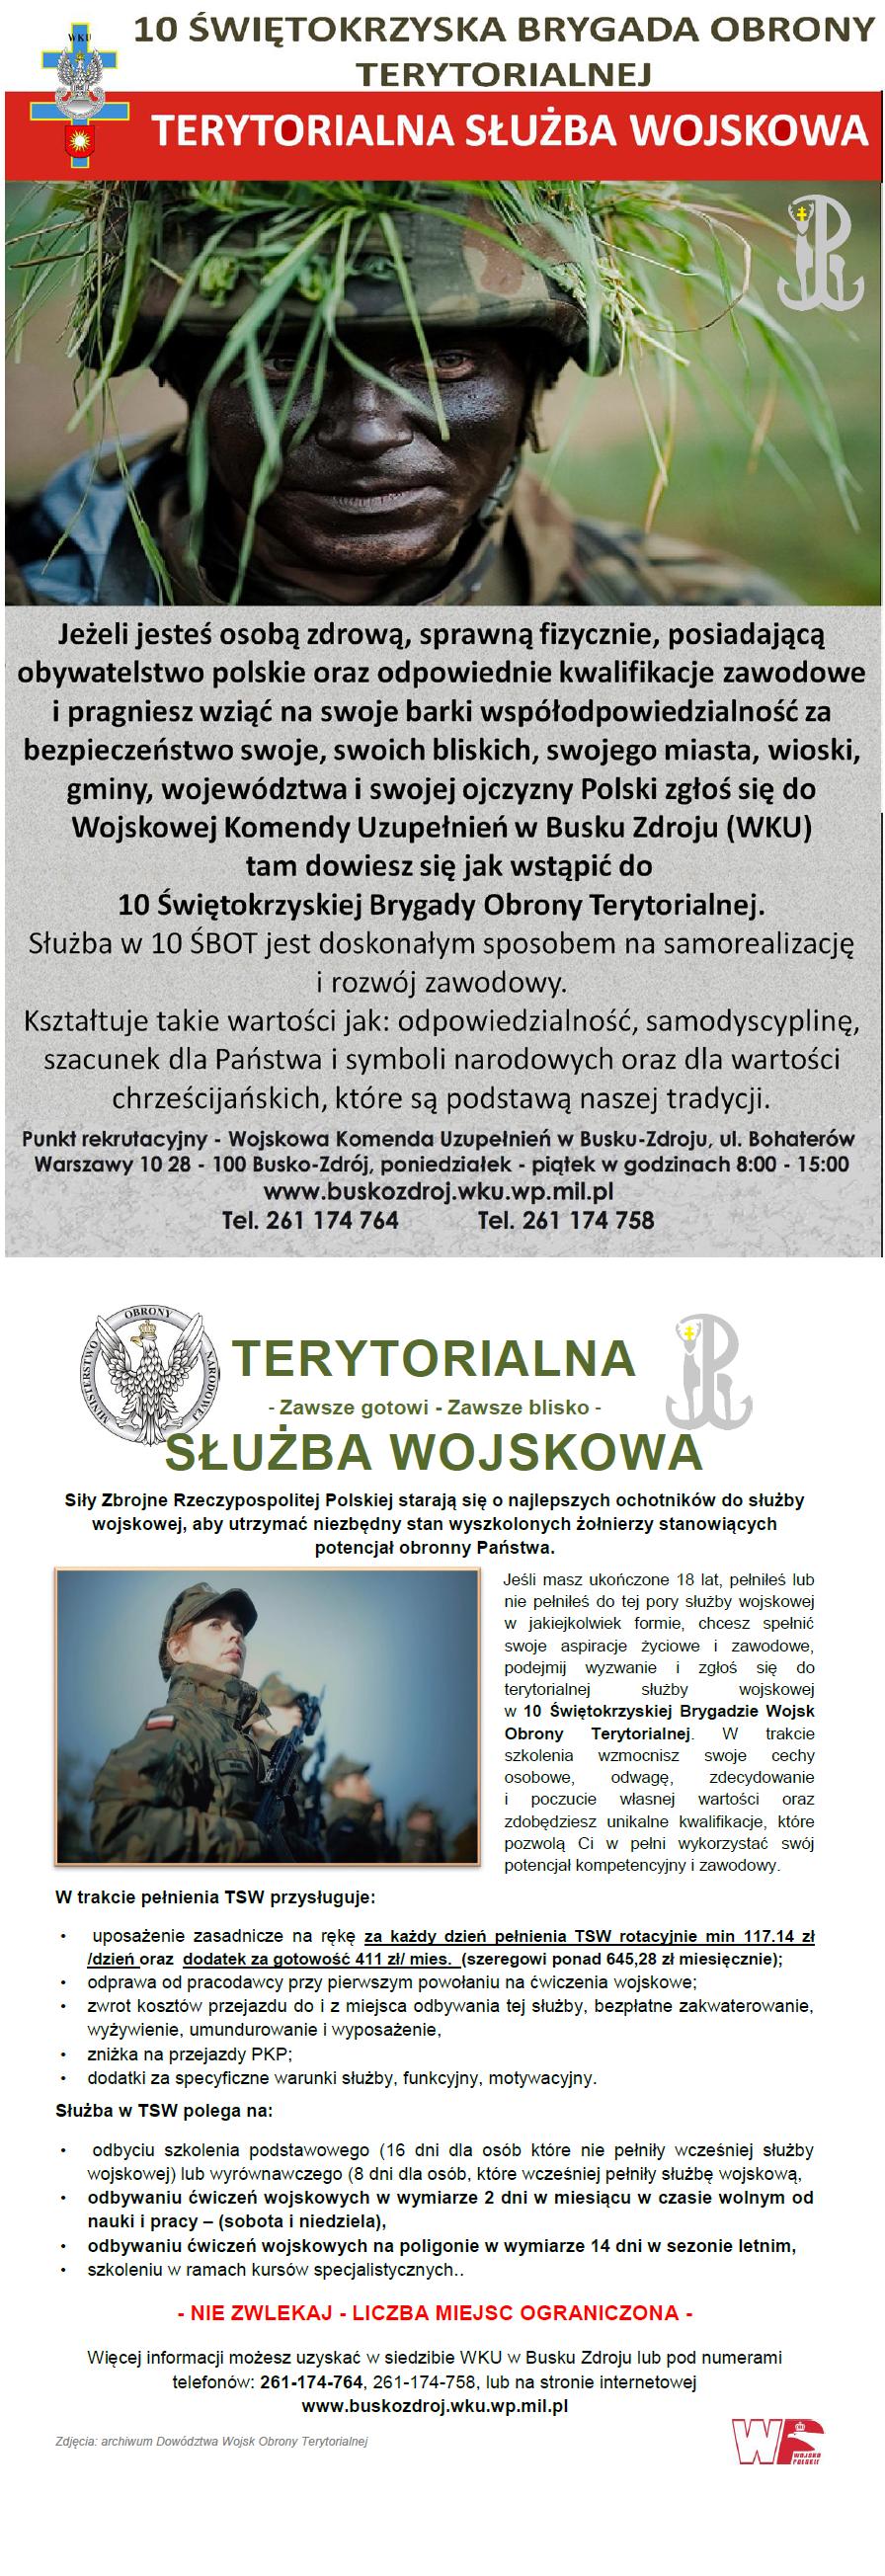 wku_terytorialna_sluzba_wojskowa.png